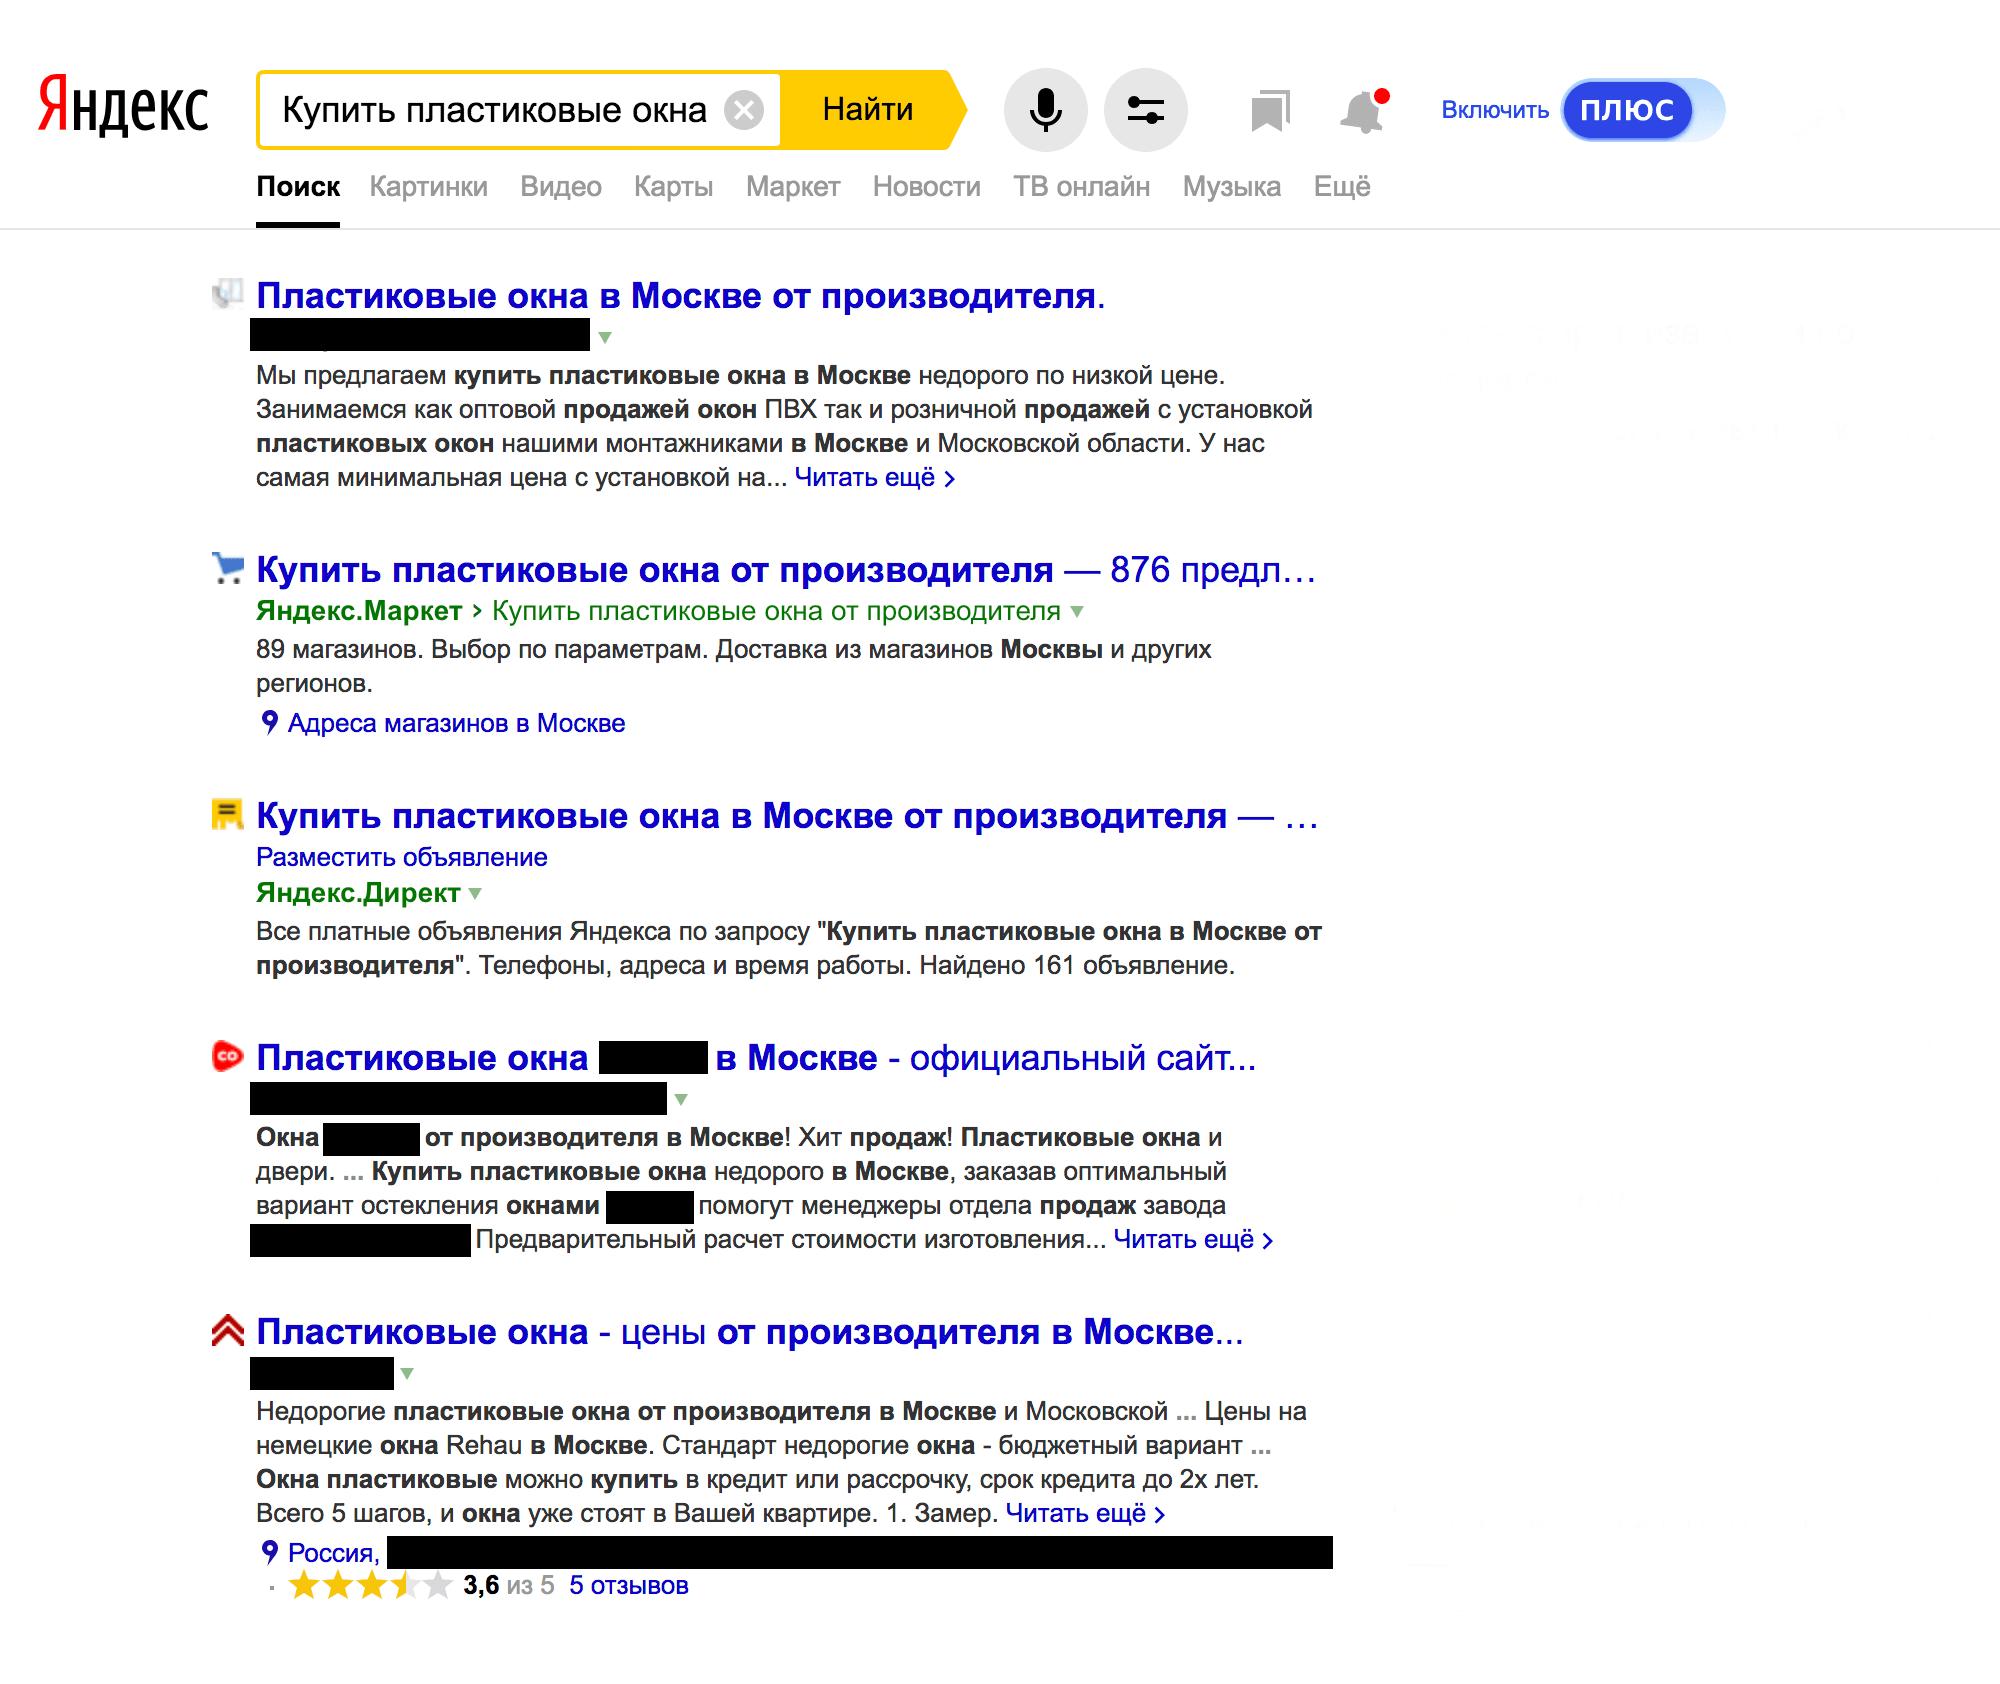 Заметные заголовки сайтов в поисковой выдаче — еще один повод заполнять их для людей, а не дляроботов